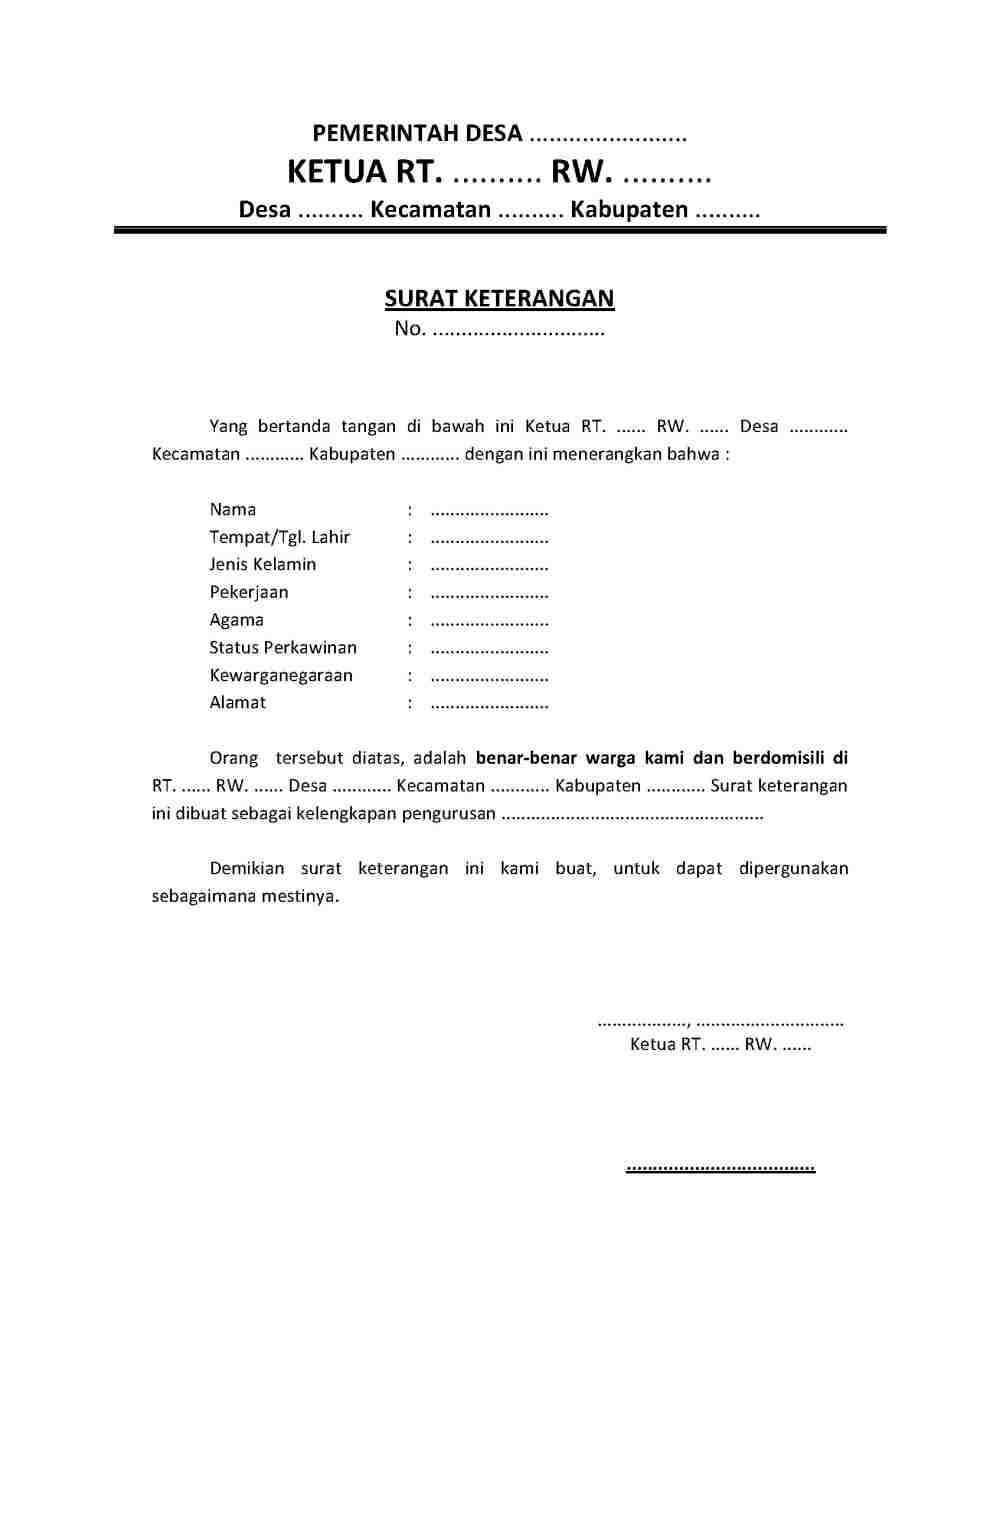 10. Contoh Surat Keterangan Resmi Dari Kelurahan